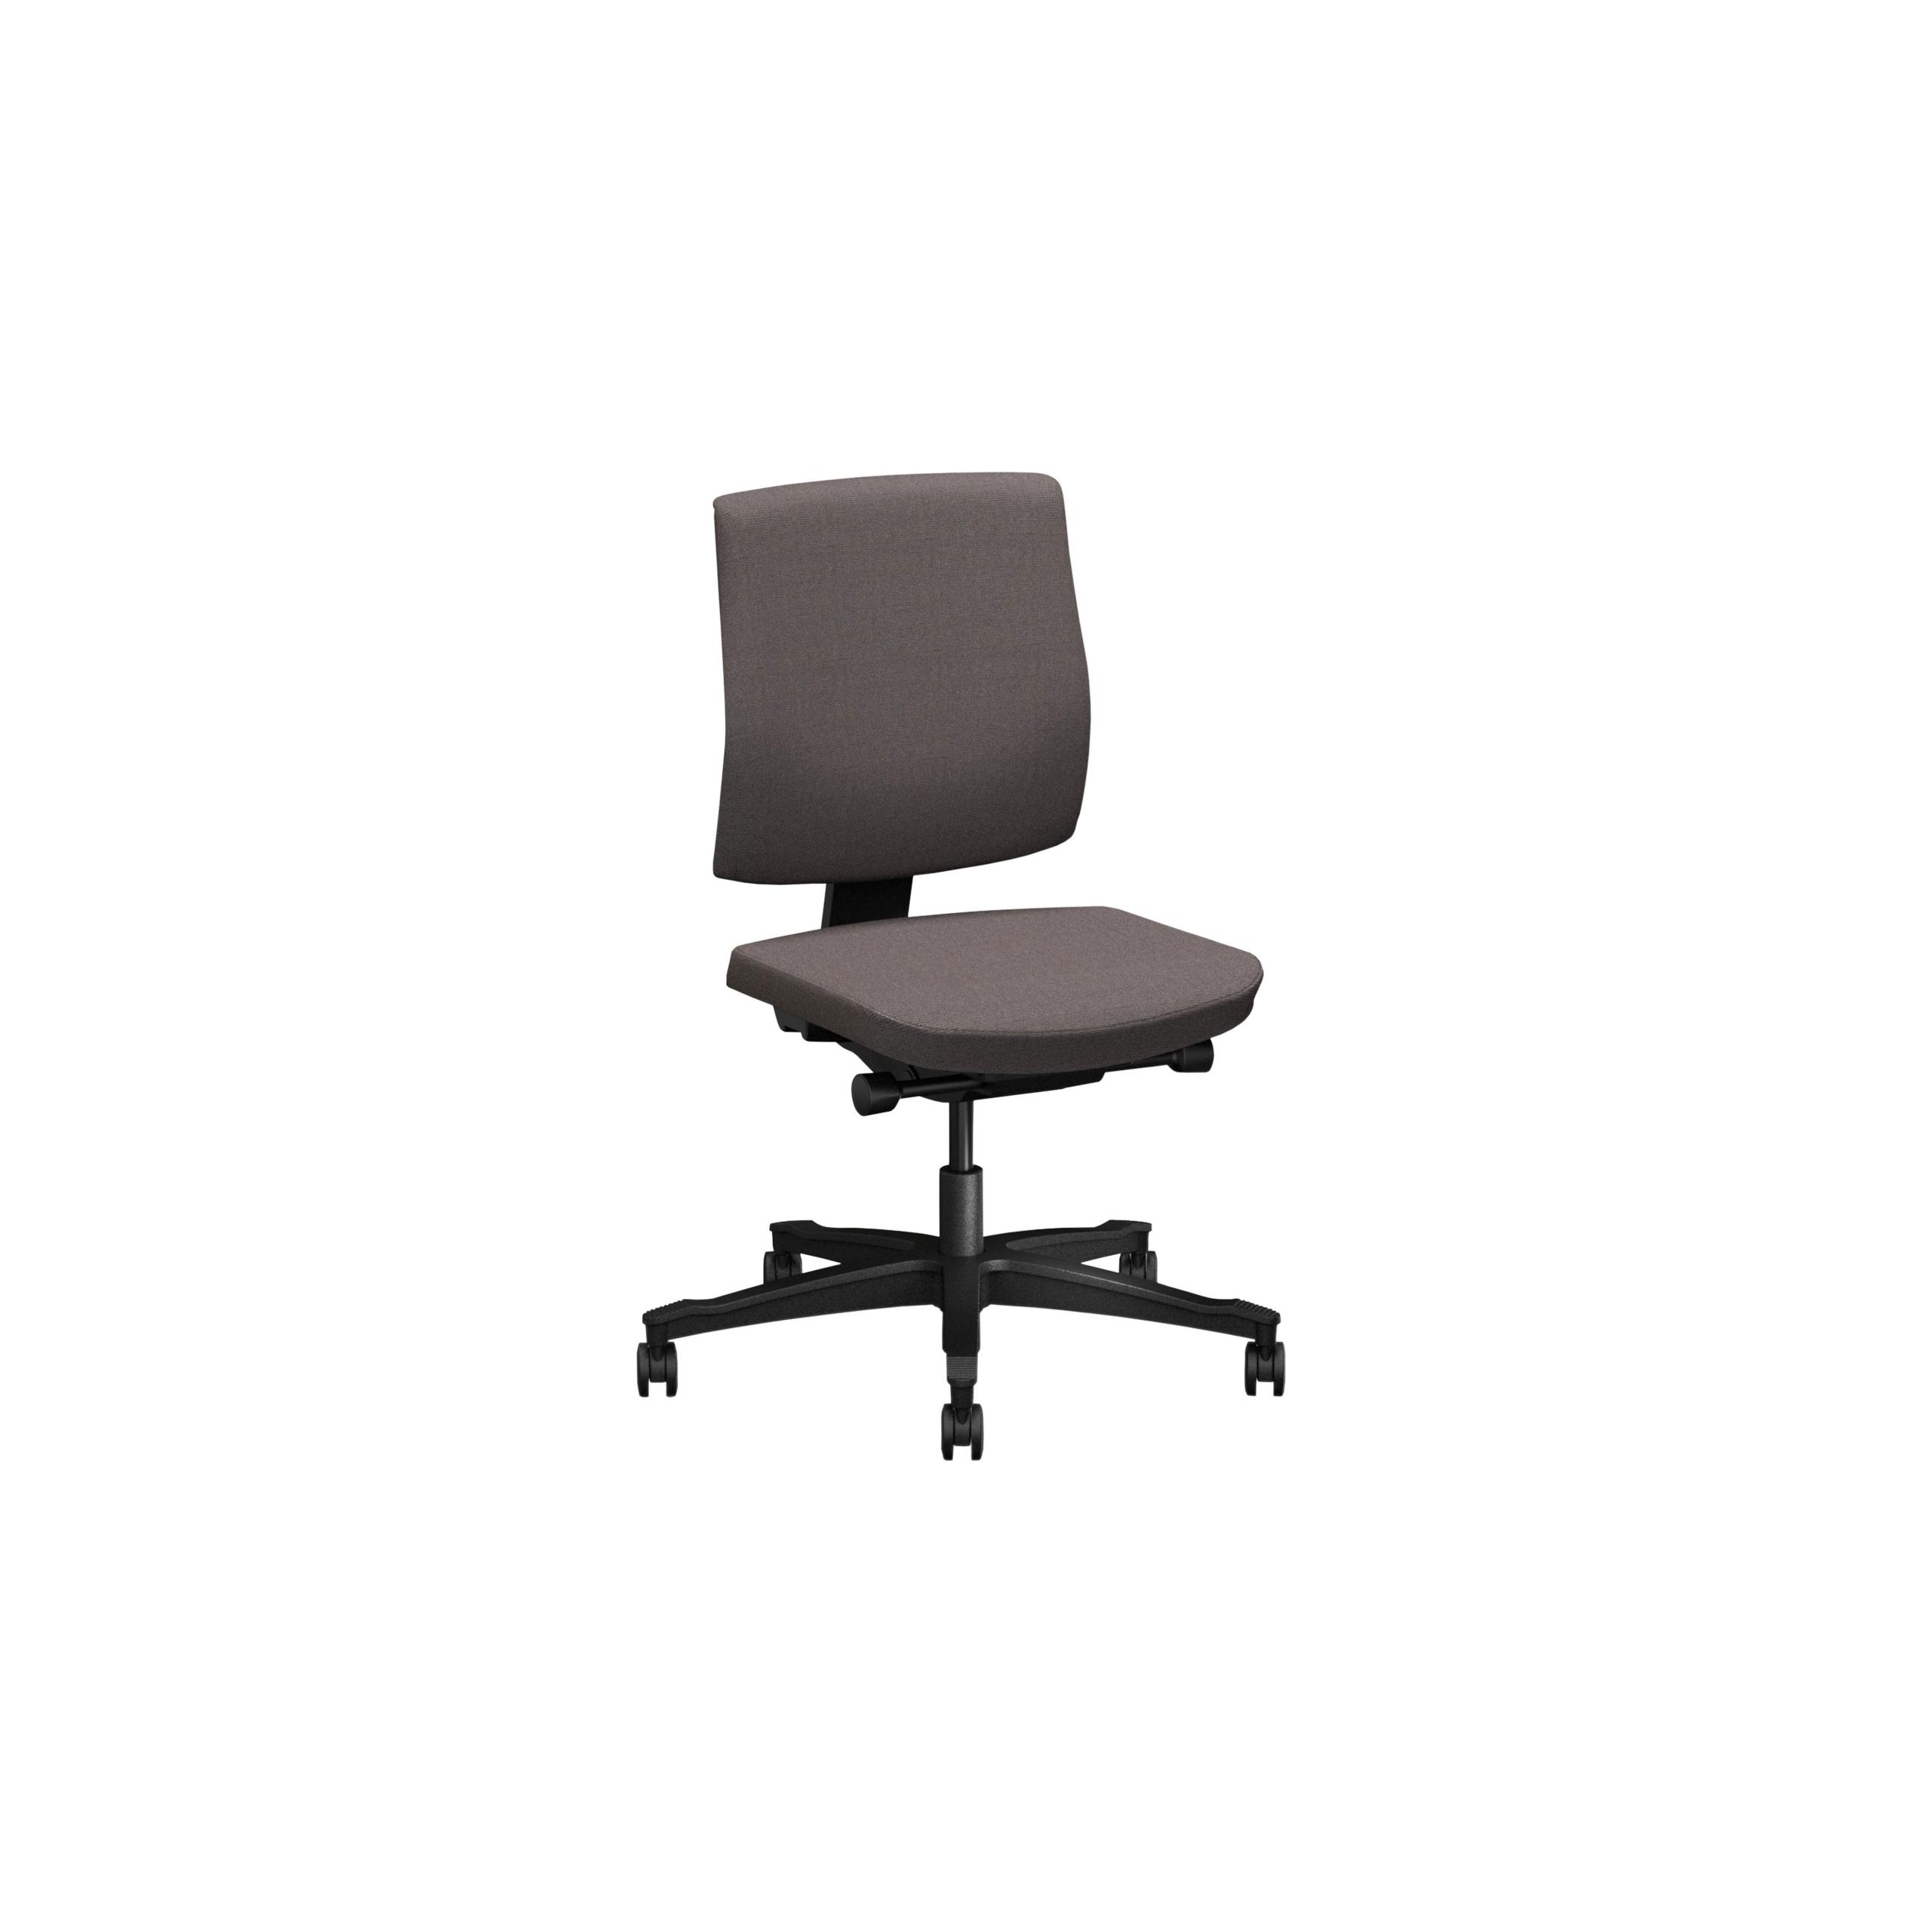 One Kontorsstol med klädd rygg produktbild 5